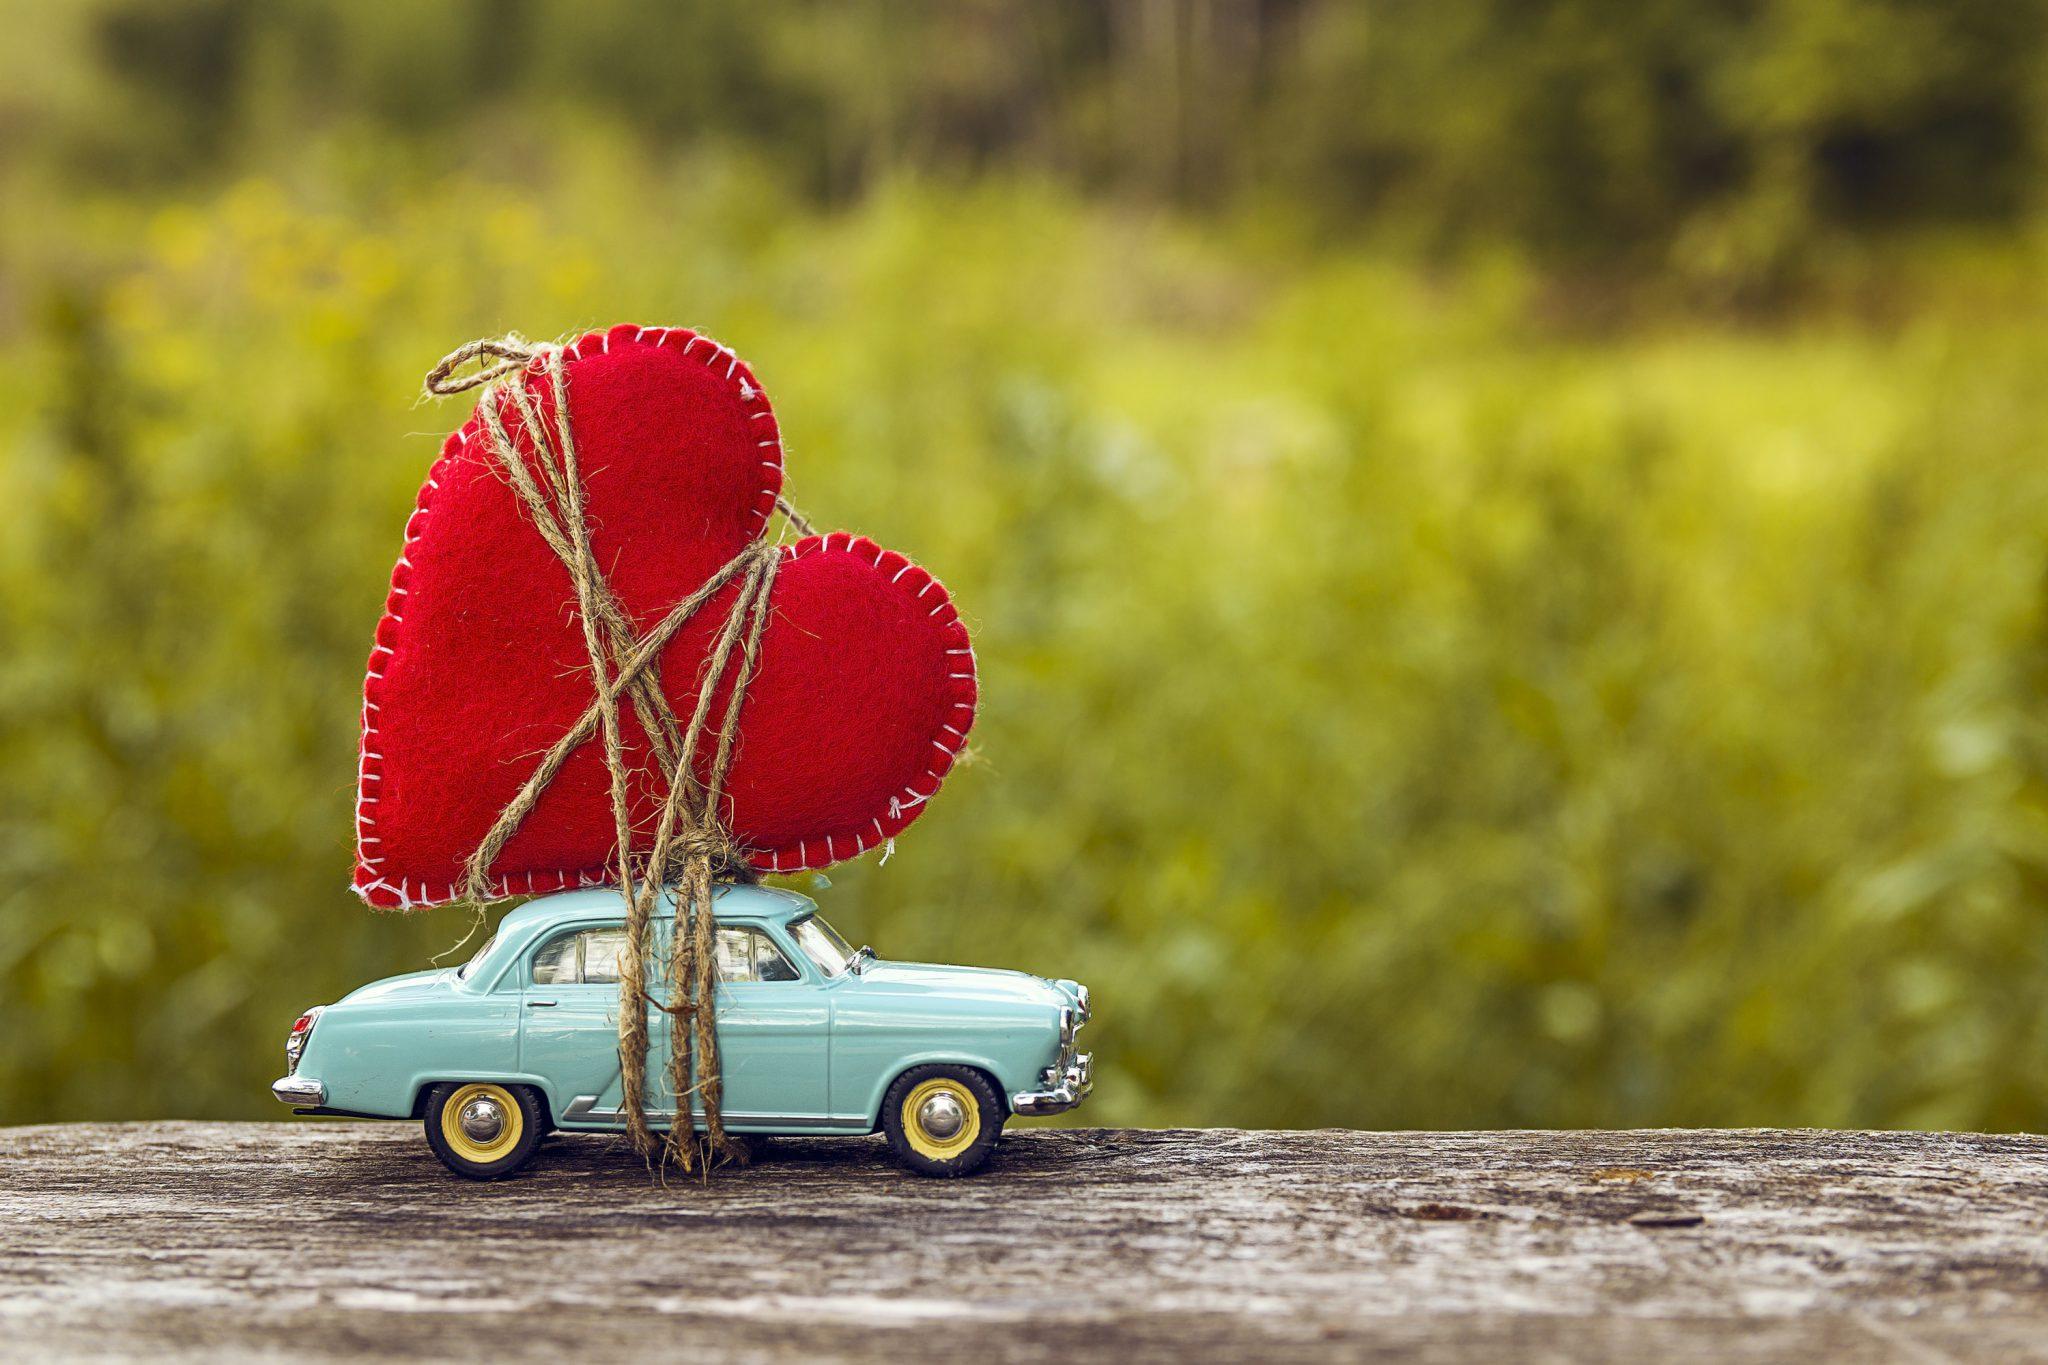 أرخص قسط تأمين للسيارة